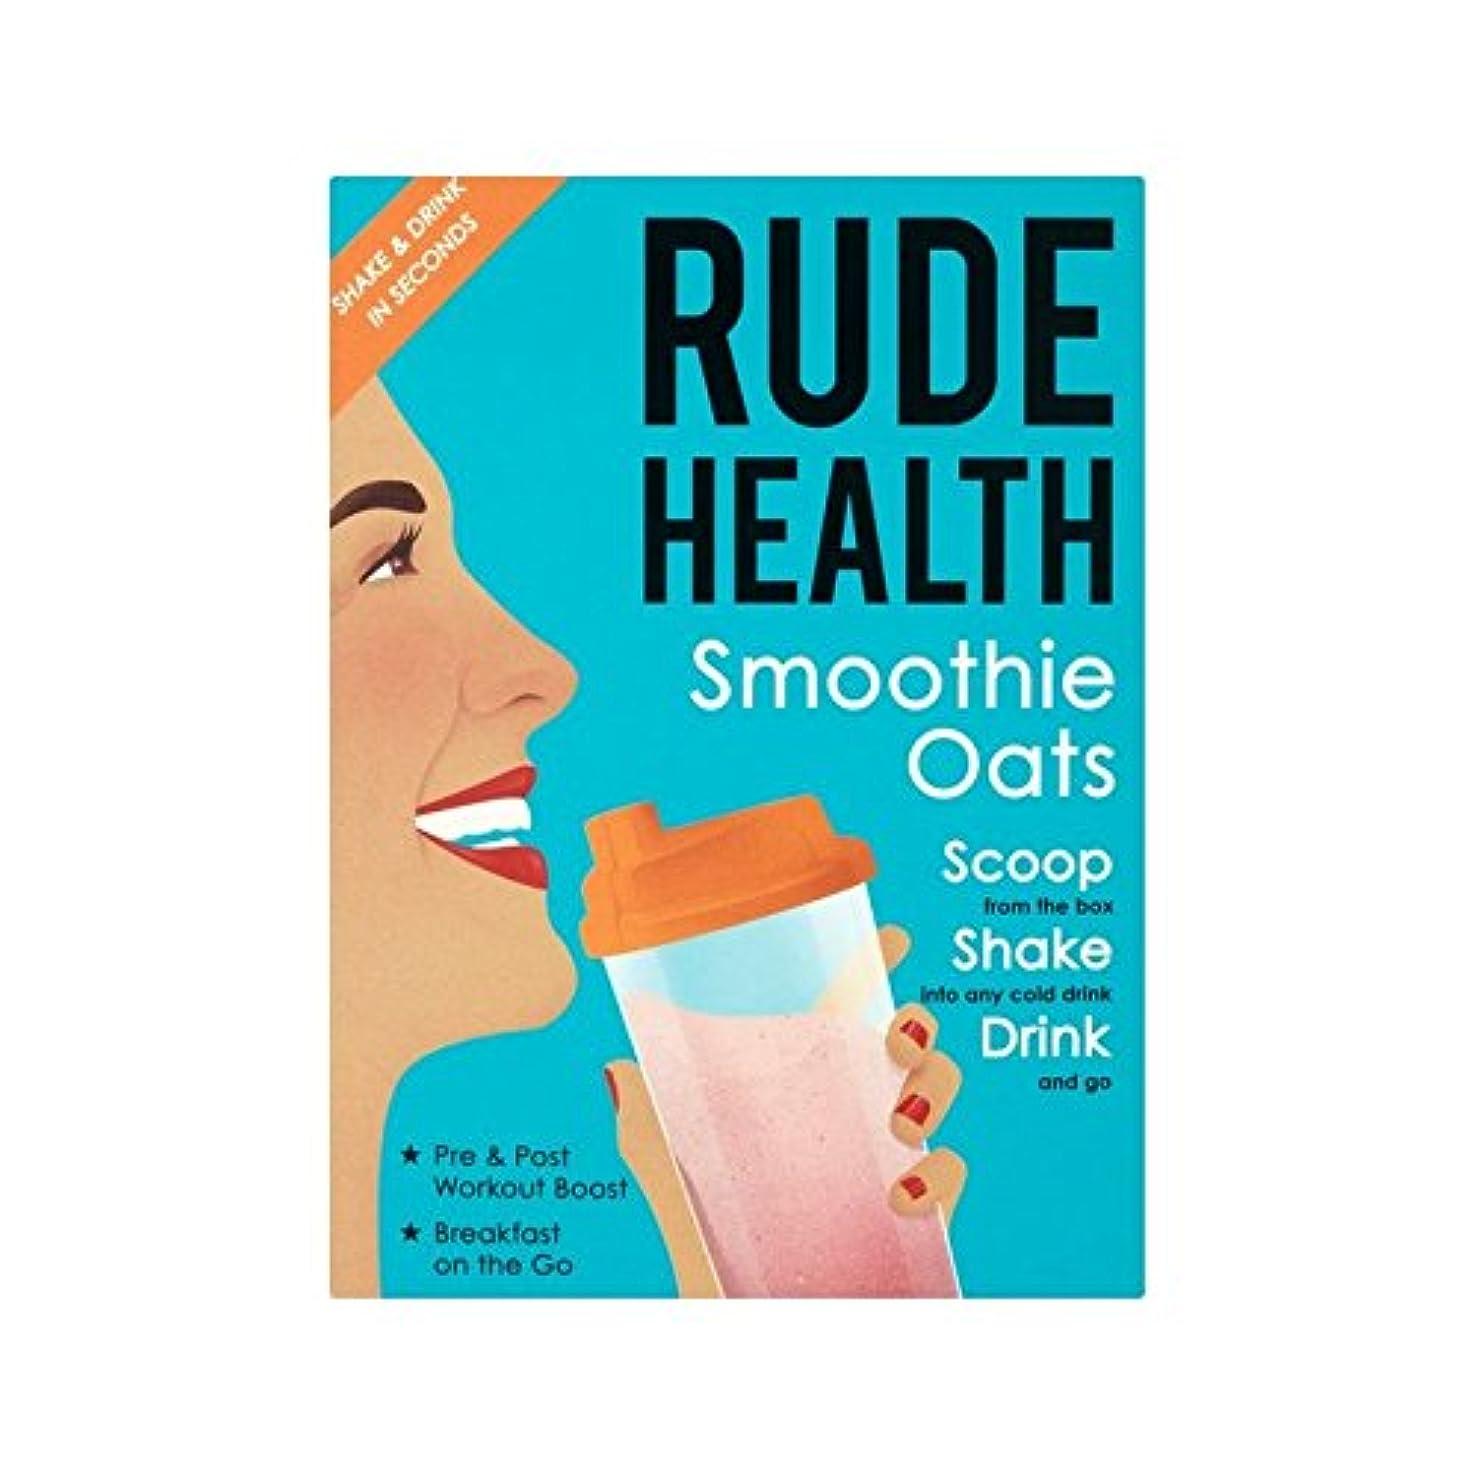 穿孔する養う火山スムージーオート麦250グラム (Rude Health) - Rude Health Smoothie Oats 250g [並行輸入品]